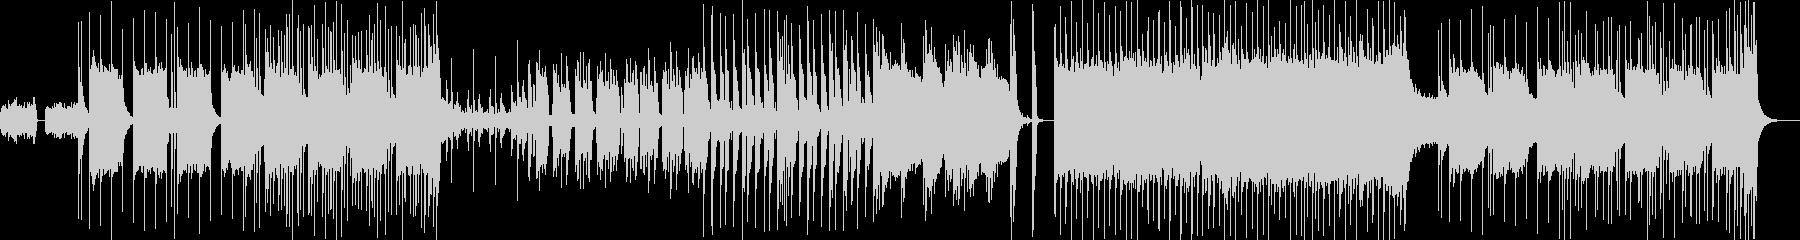 ヘヴィーレゲエロックの未再生の波形